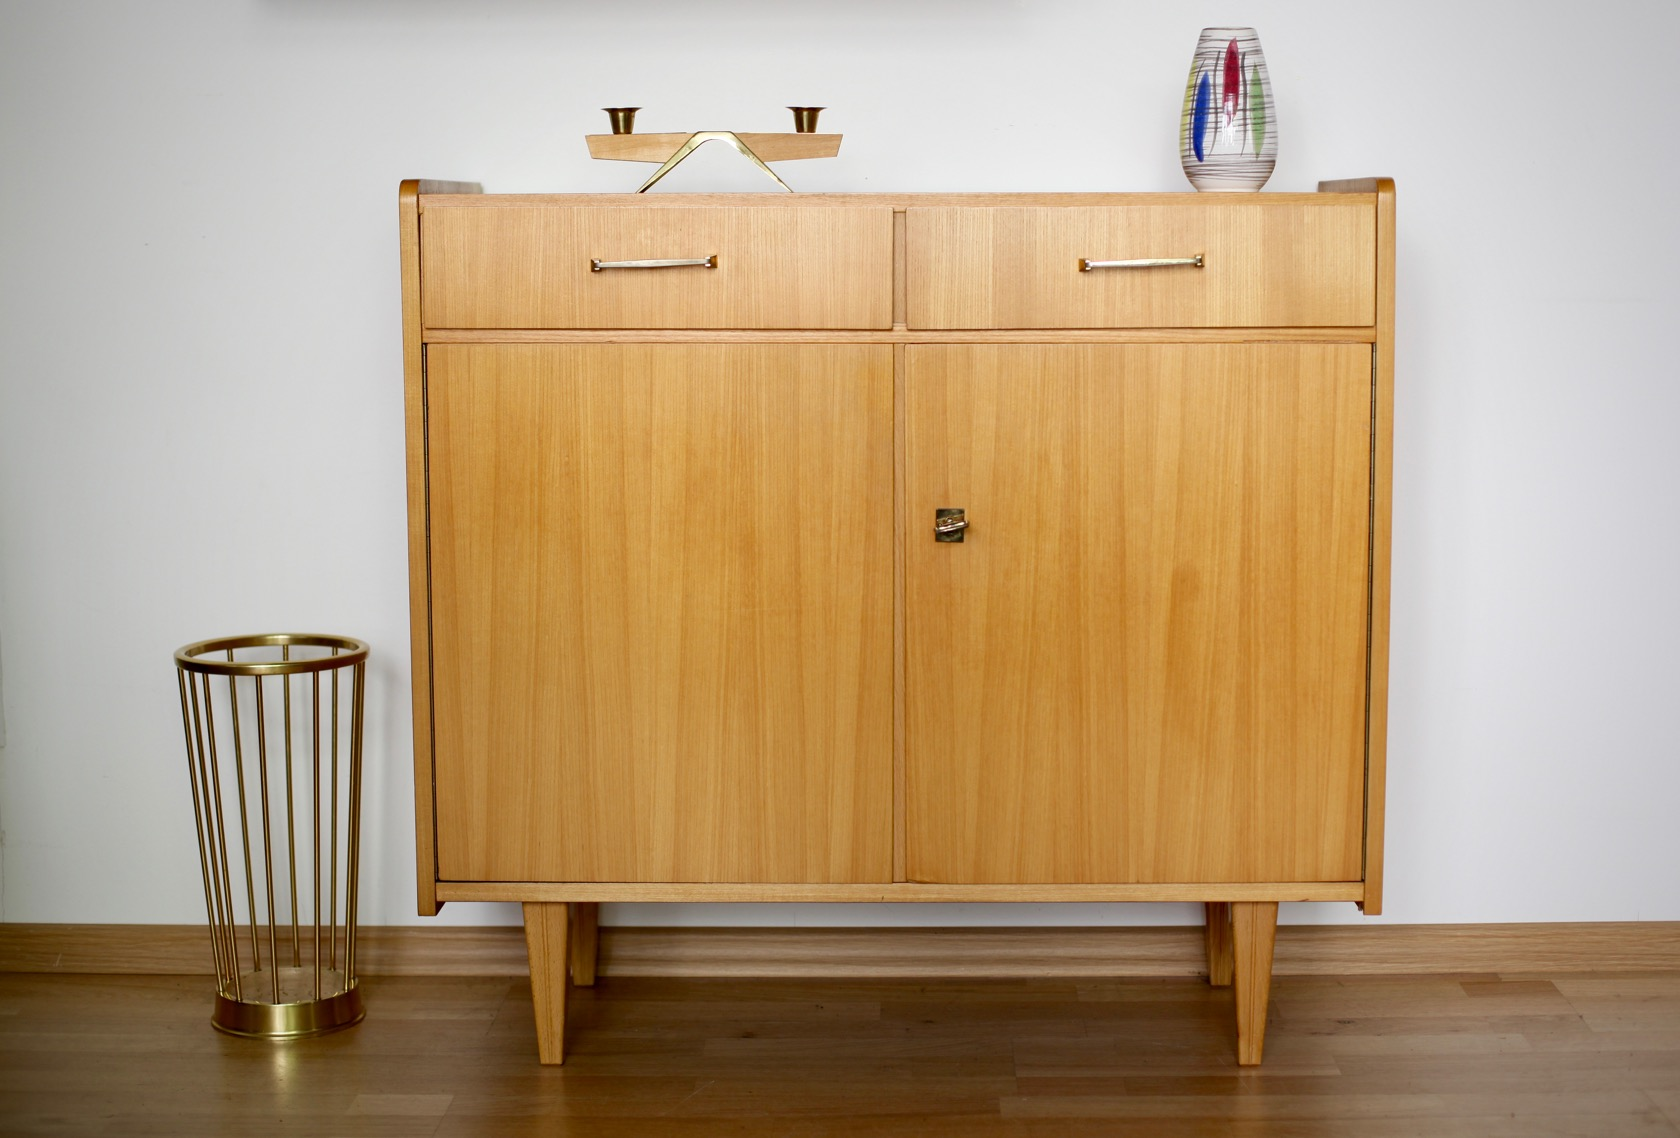 schlichtes 50er jahre sideboard raumwunder vintage. Black Bedroom Furniture Sets. Home Design Ideas